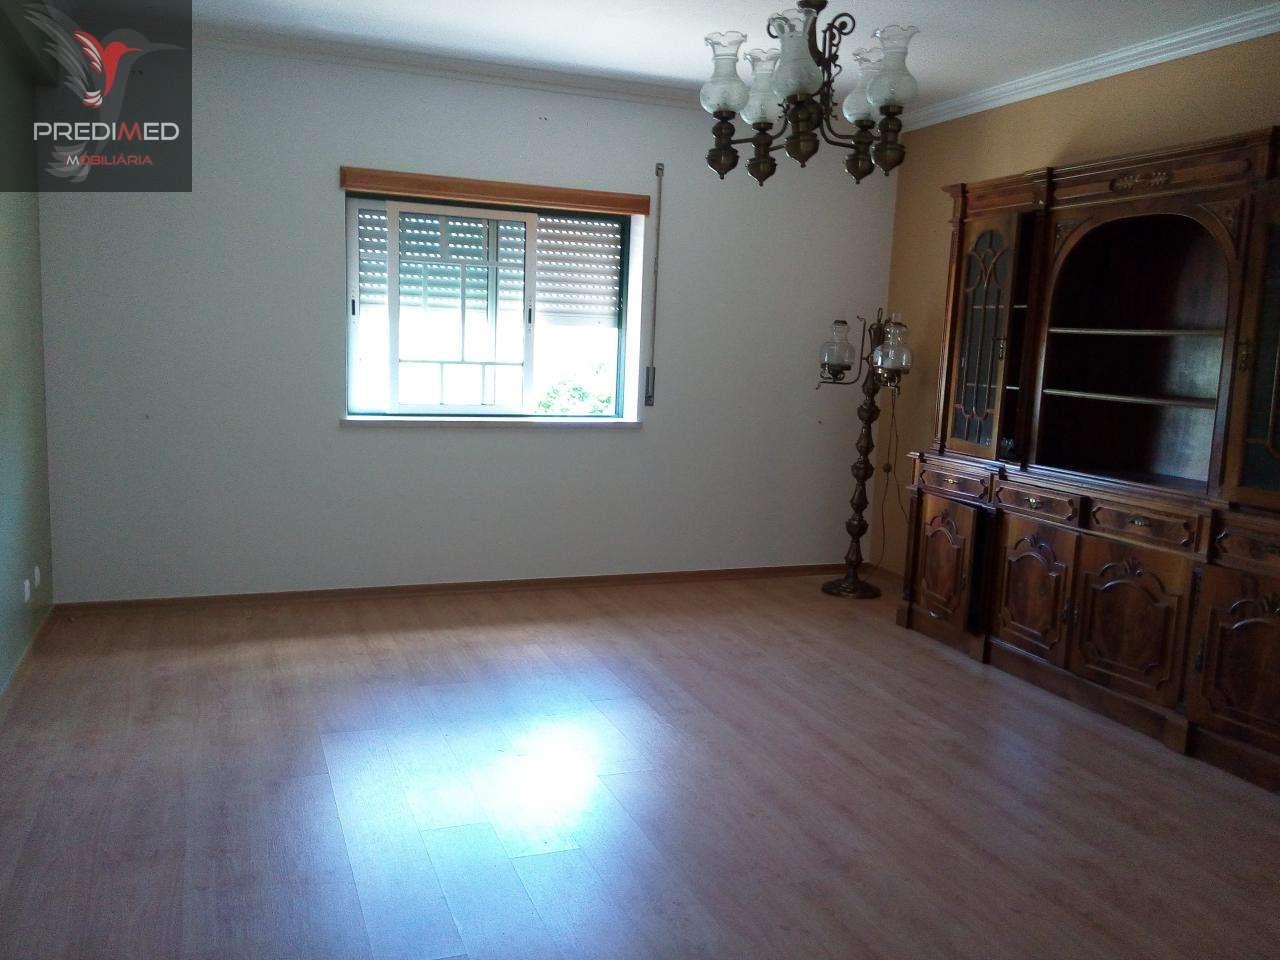 Apartamento para comprar, Roliça, Leiria - Foto 1